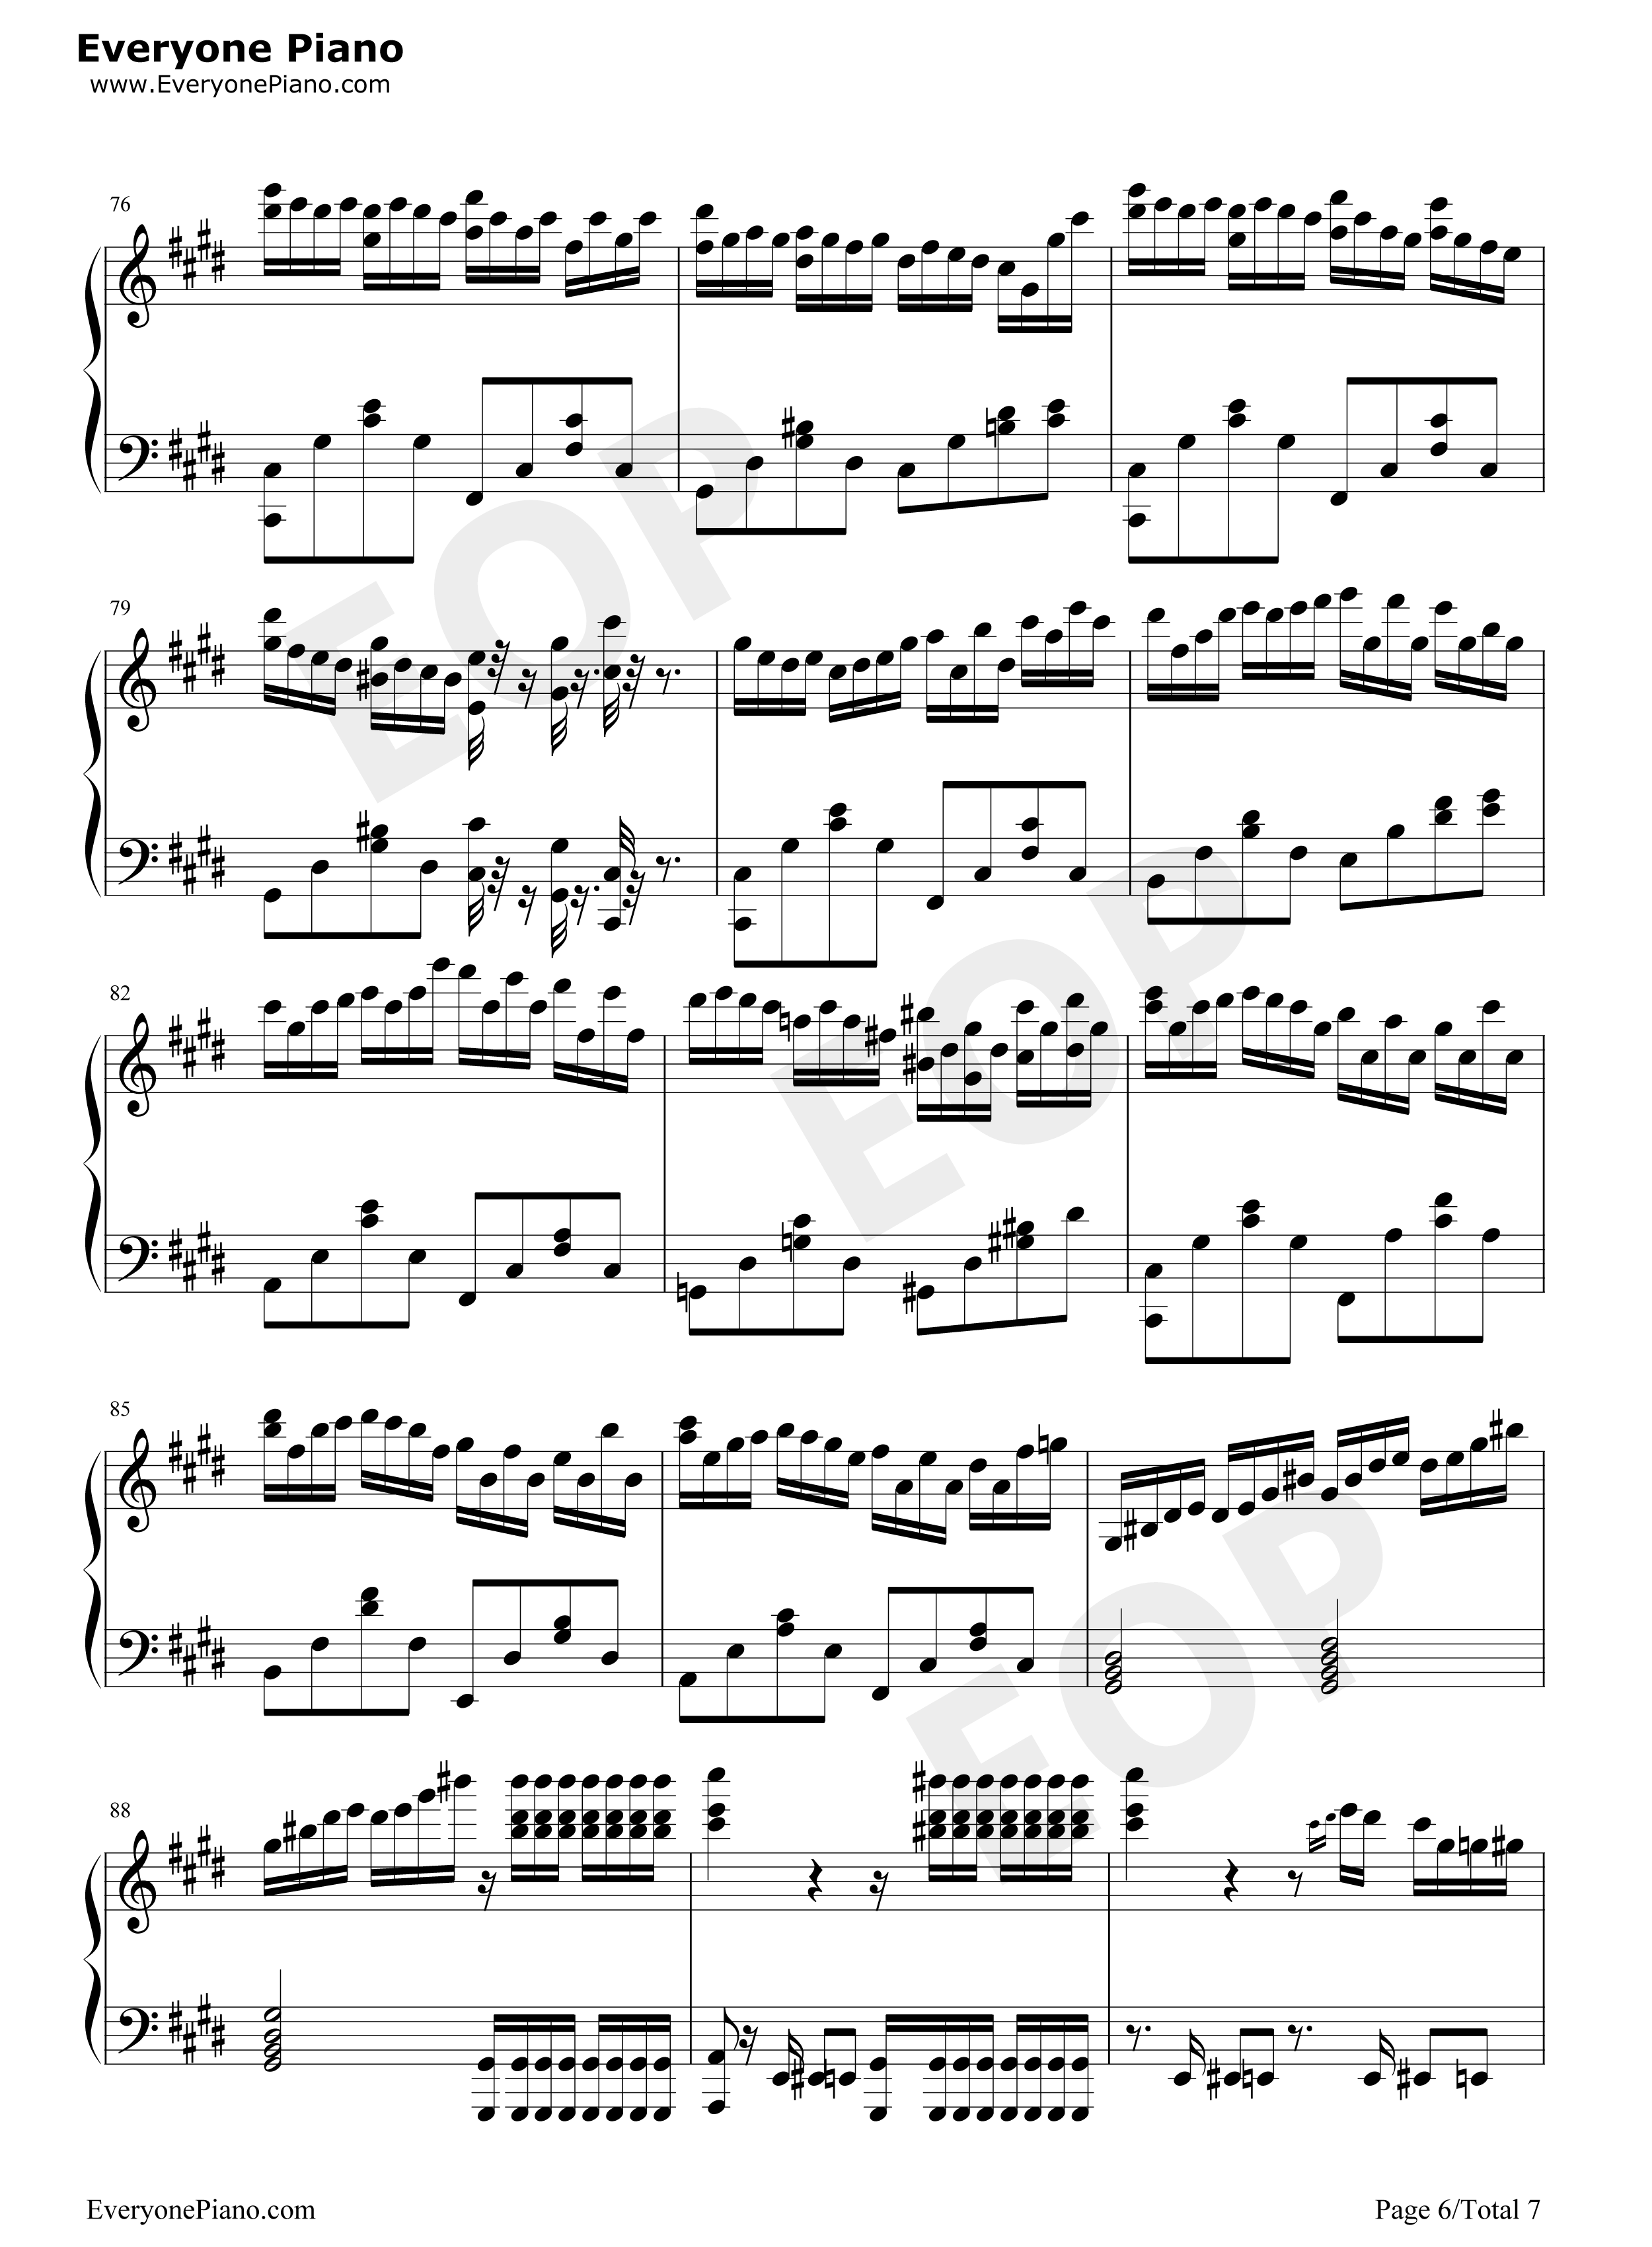 钢琴曲谱 经典 克罗地亚第二号狂想曲 克罗地亚第二号狂想曲五线谱